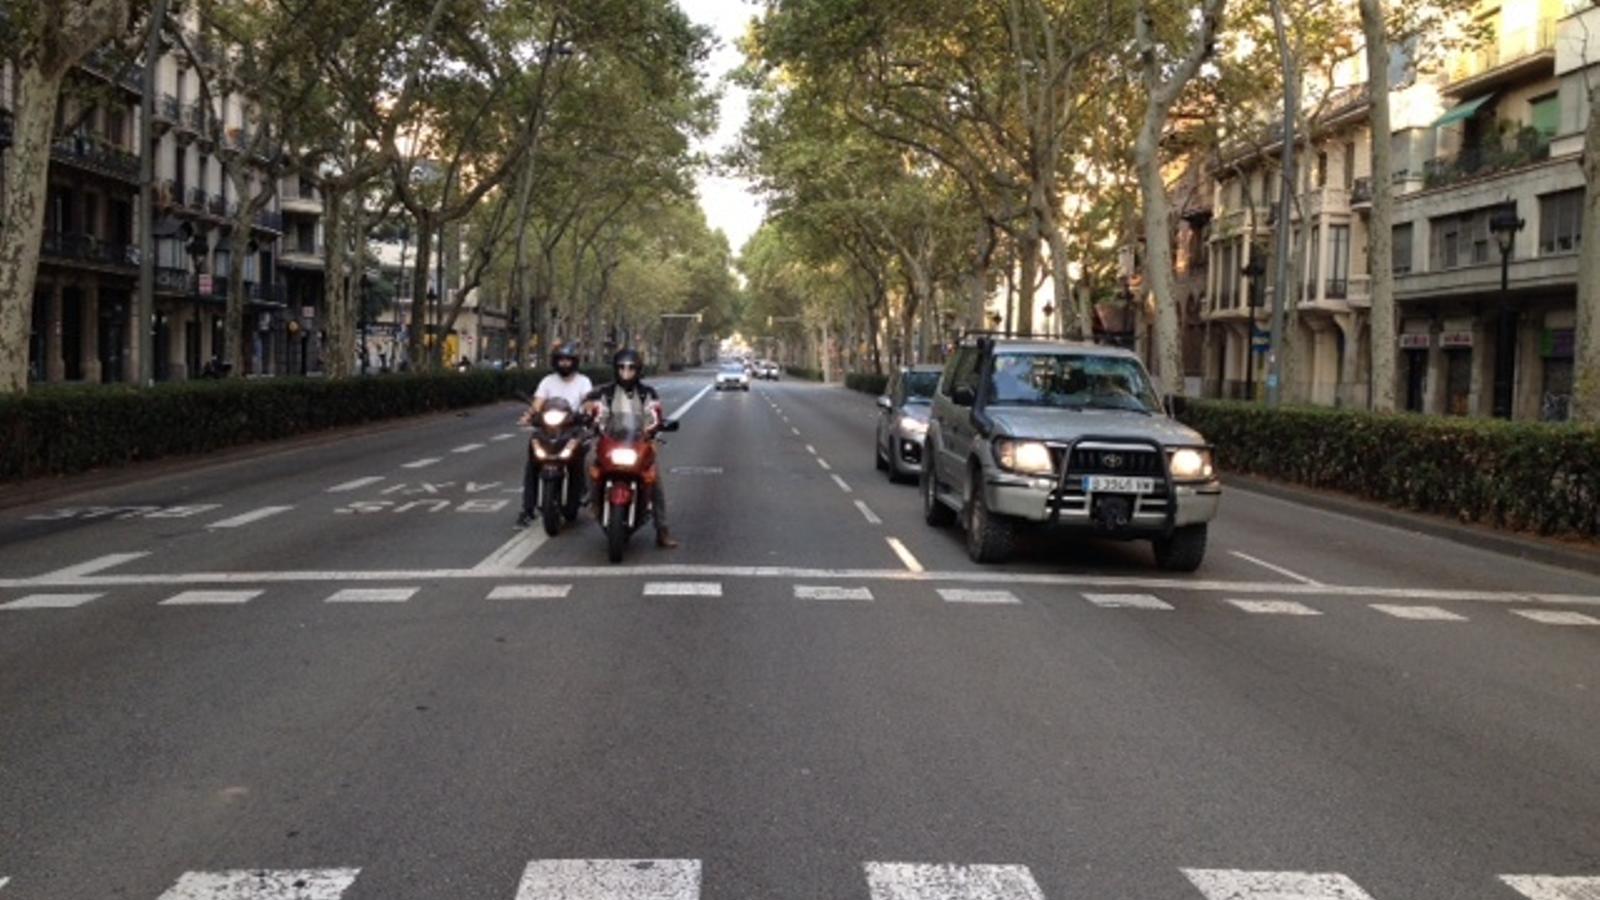 Vehicles circulant per la Gran Via aquest matí, després que ahir marxessin els taxis que l'havien ocupat durant una setmana